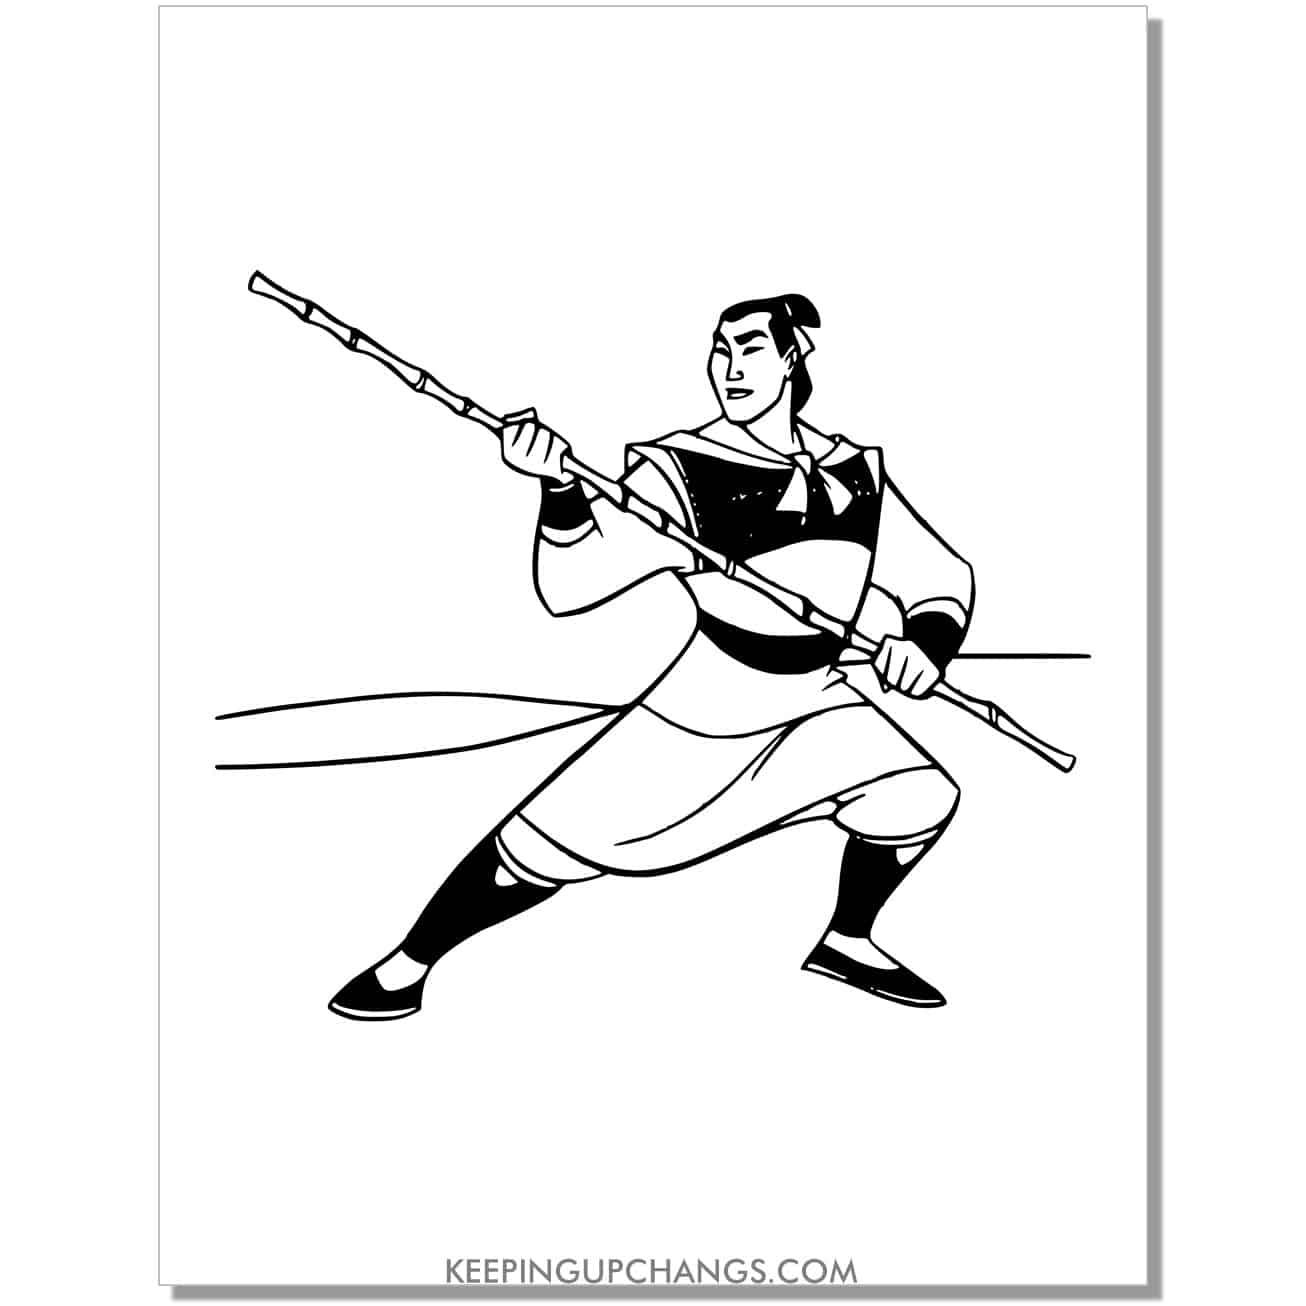 mulan husband captain li shang coloring page.